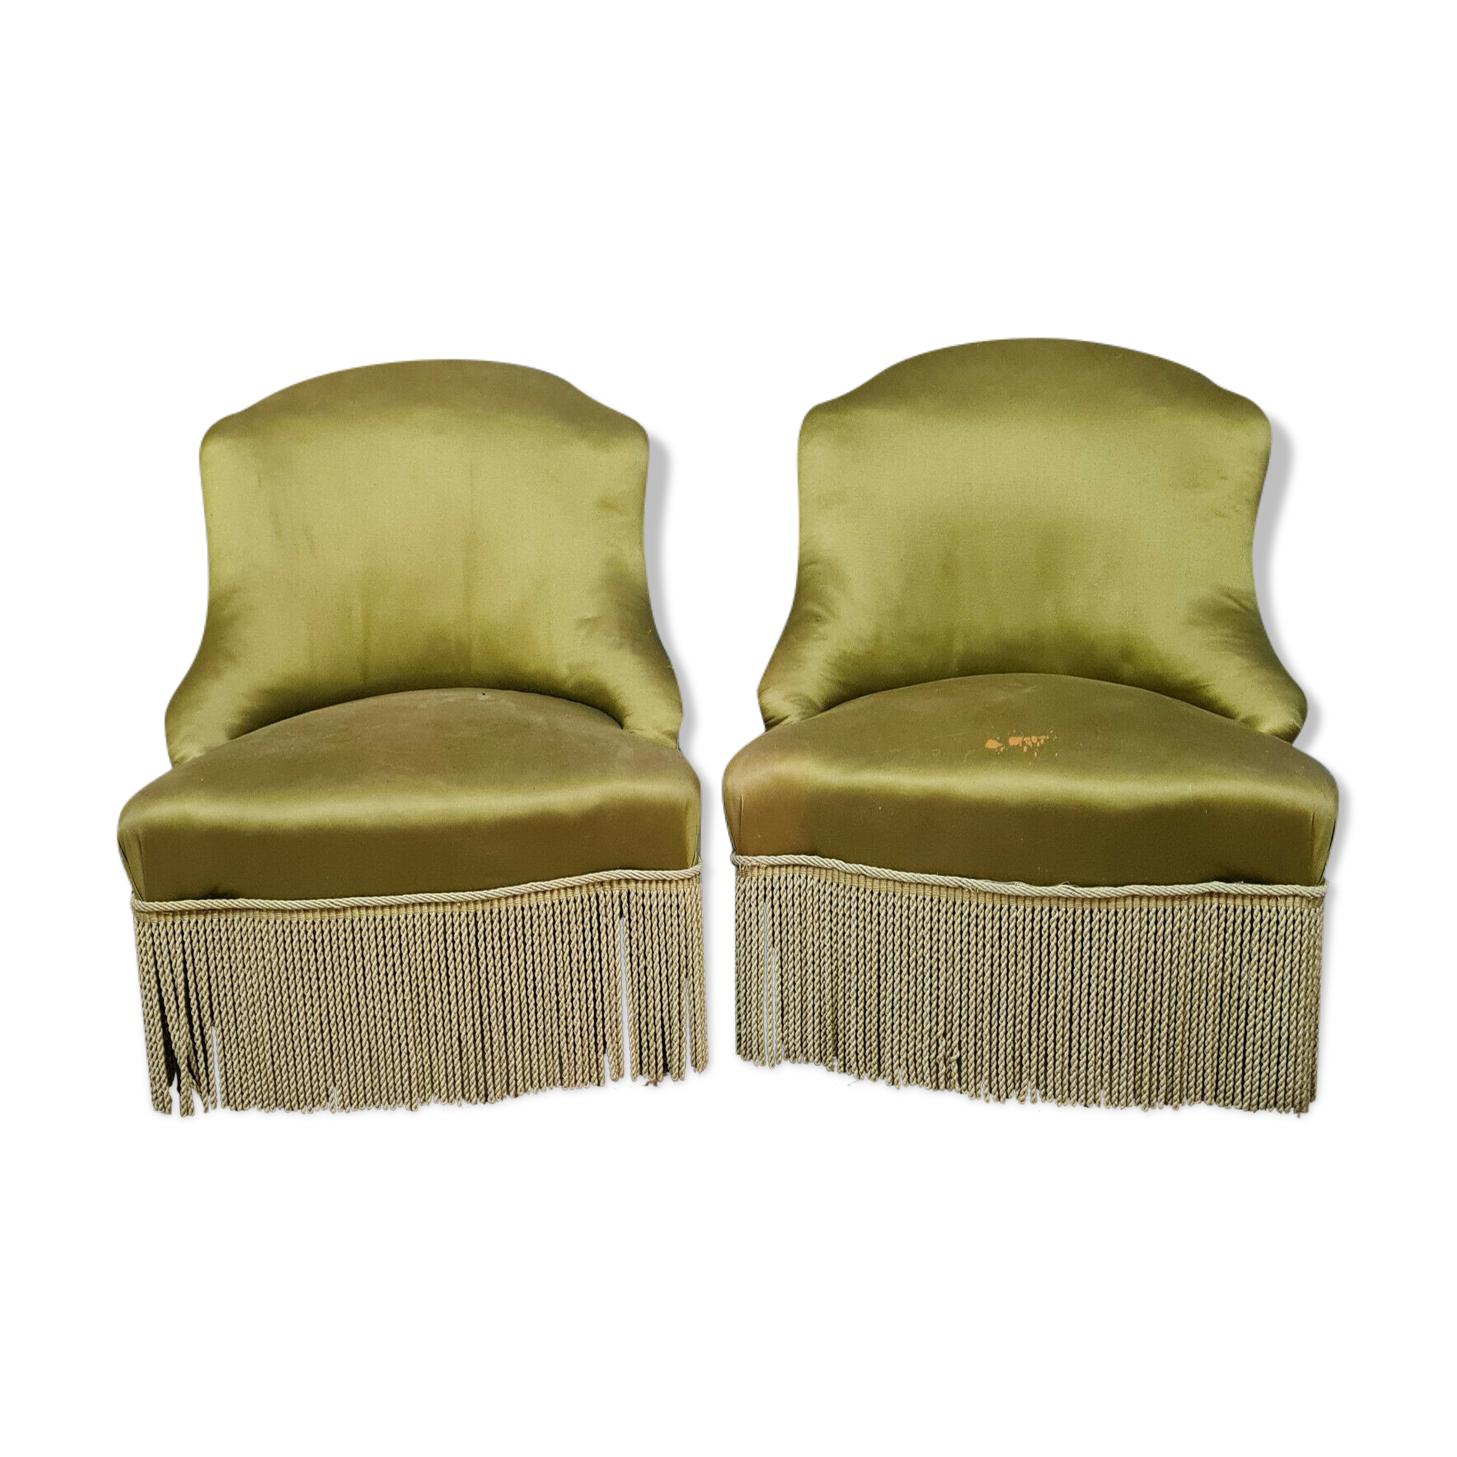 Paire de fauteuils ou chauffeuses crapaud époque Napoléon III vers 1850-1880